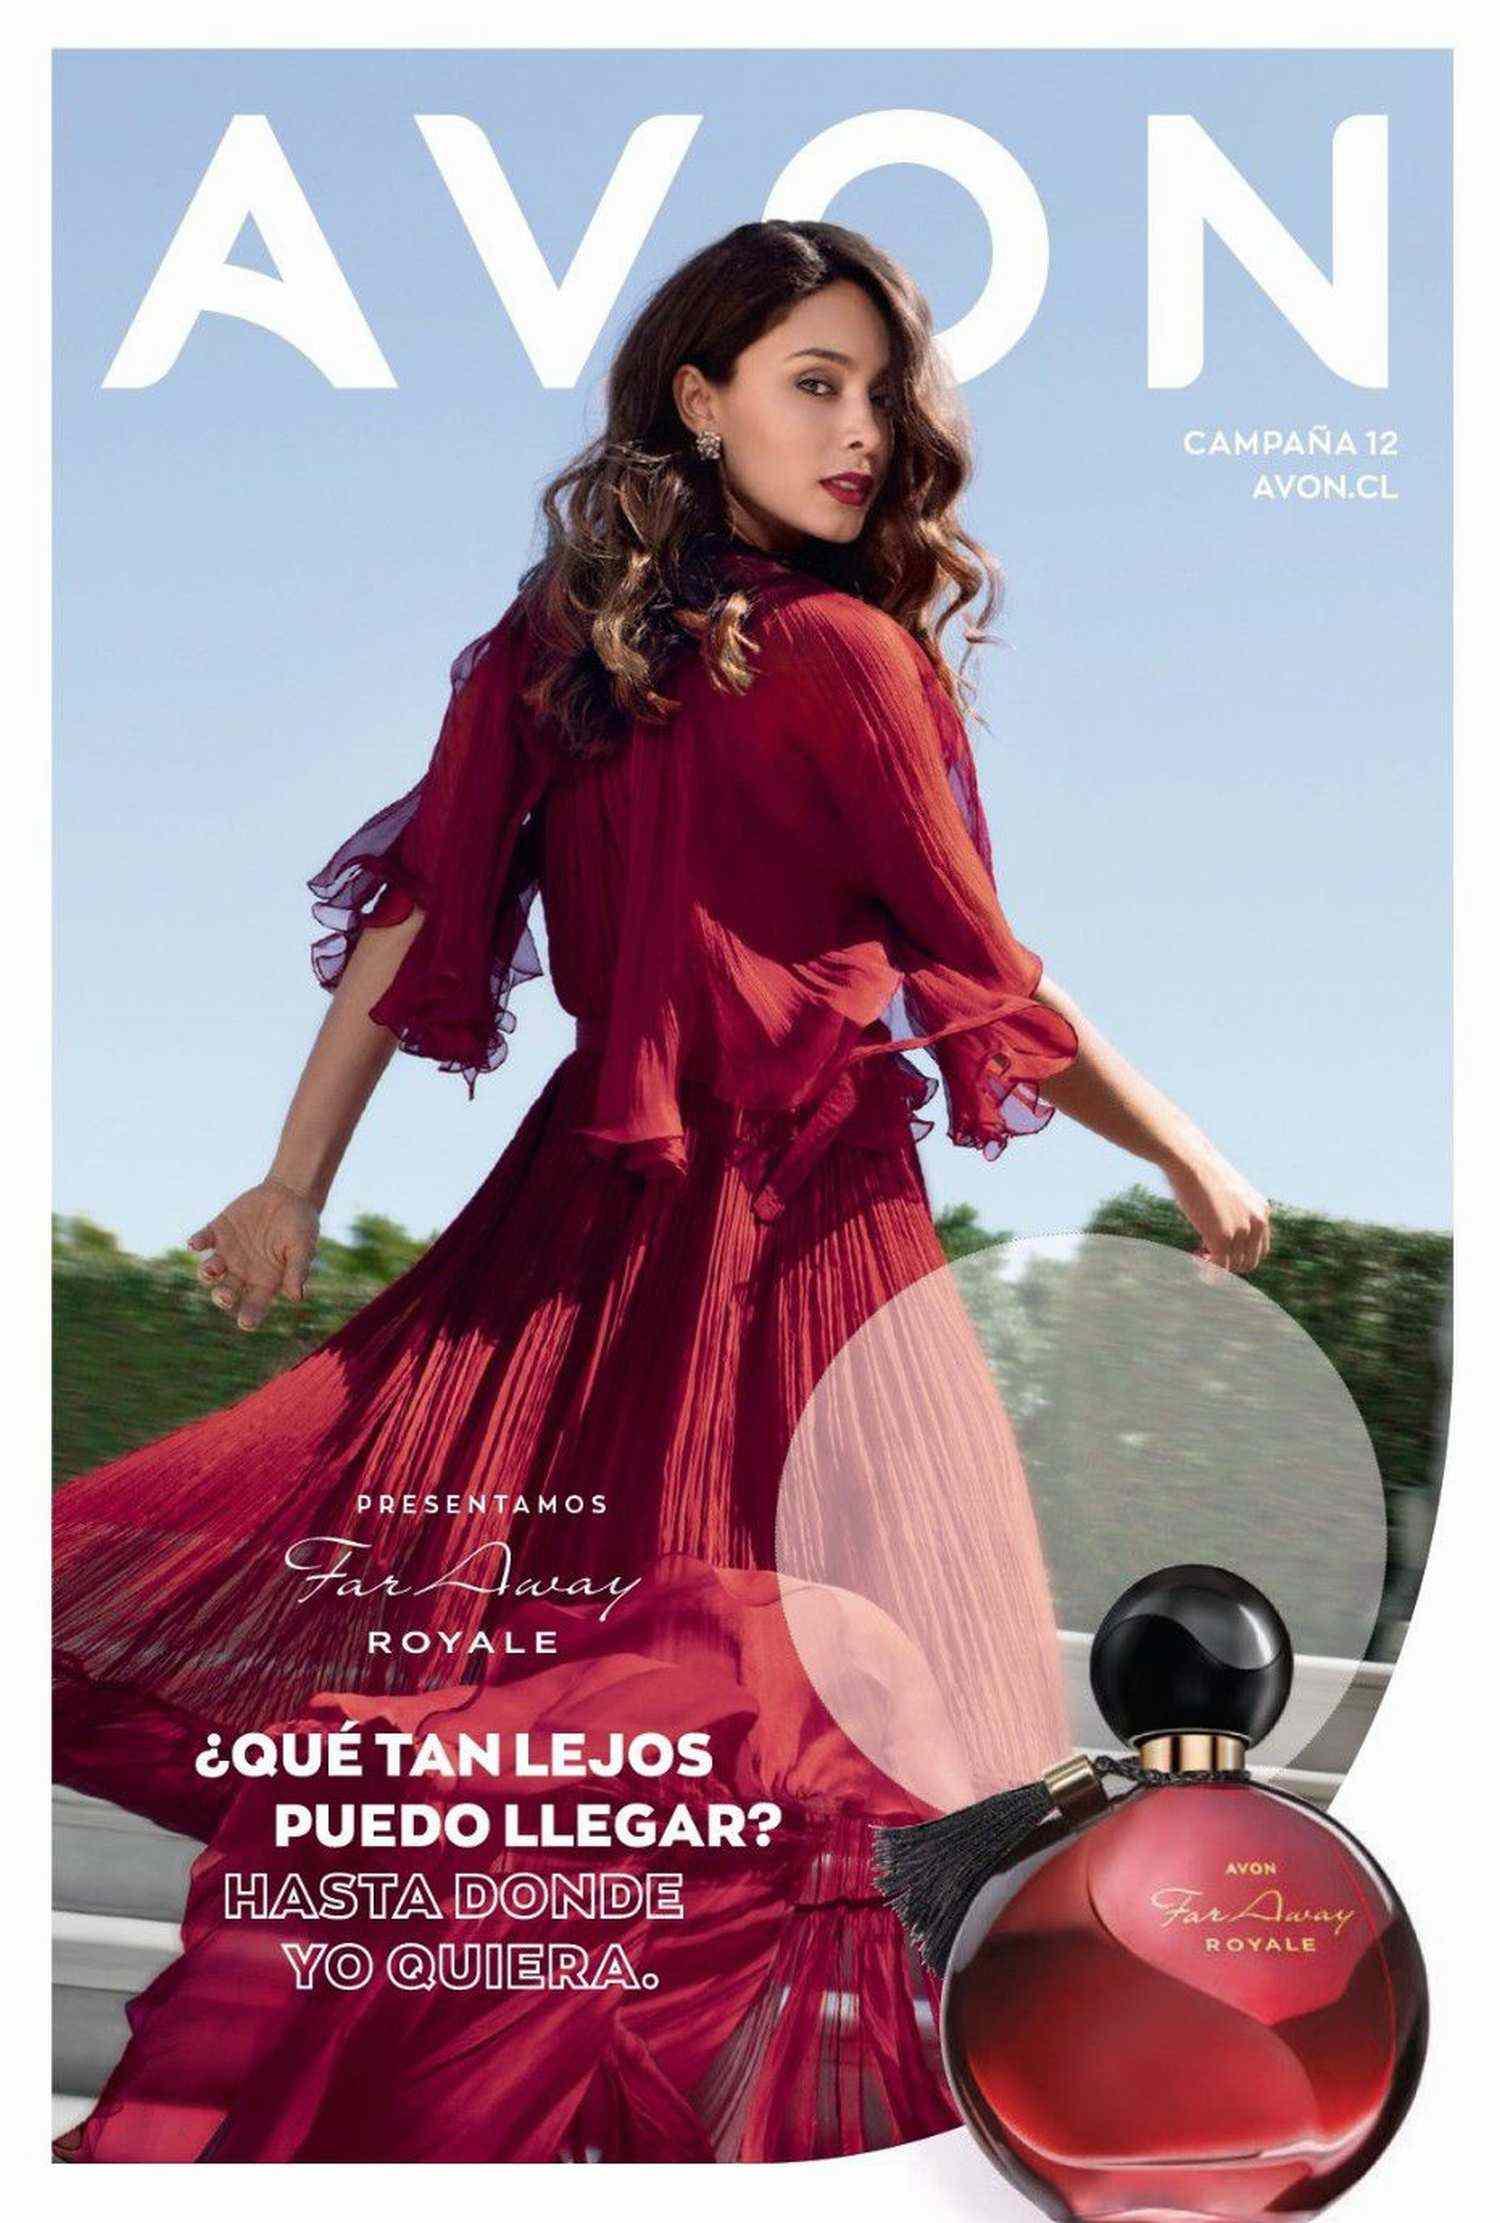 Catálogo Avon Campaña 12 2021 Chile